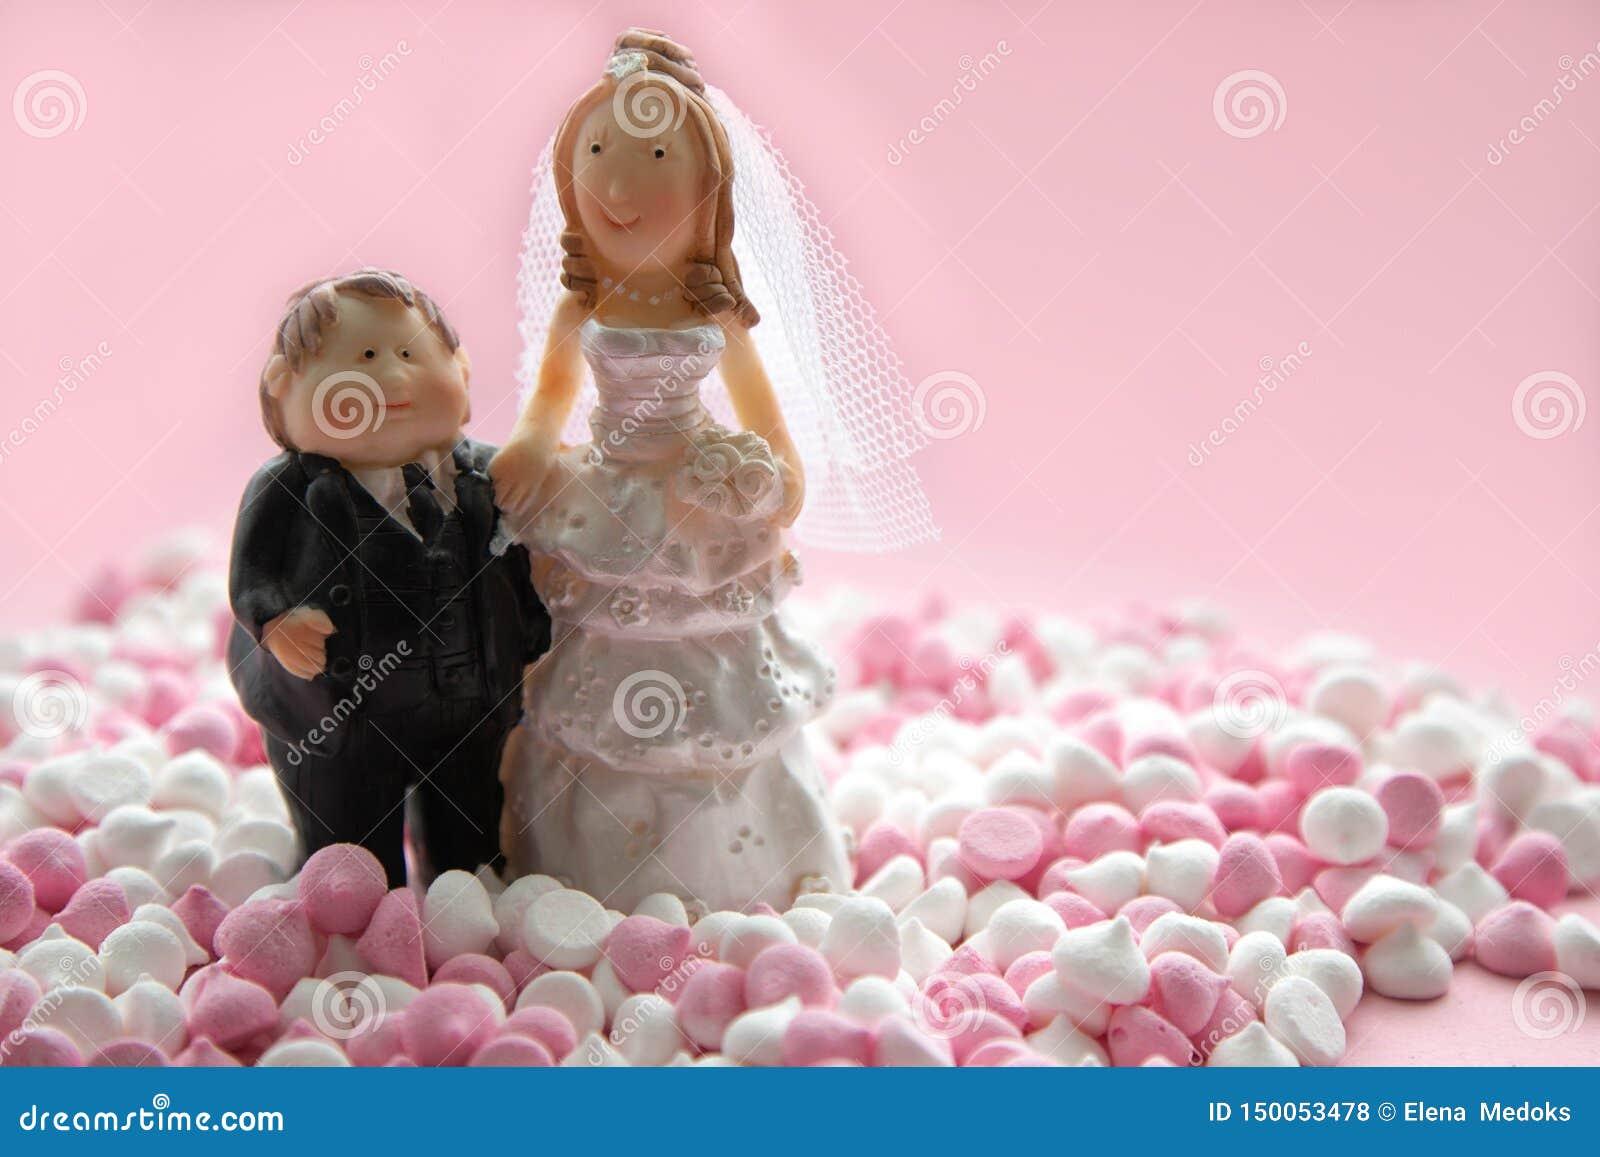 Figure miniatura dei coniugi, sposa e sposo, stando in un rosa ed in un bianco della mini-meringa su un fondo rosa Miniatura di n